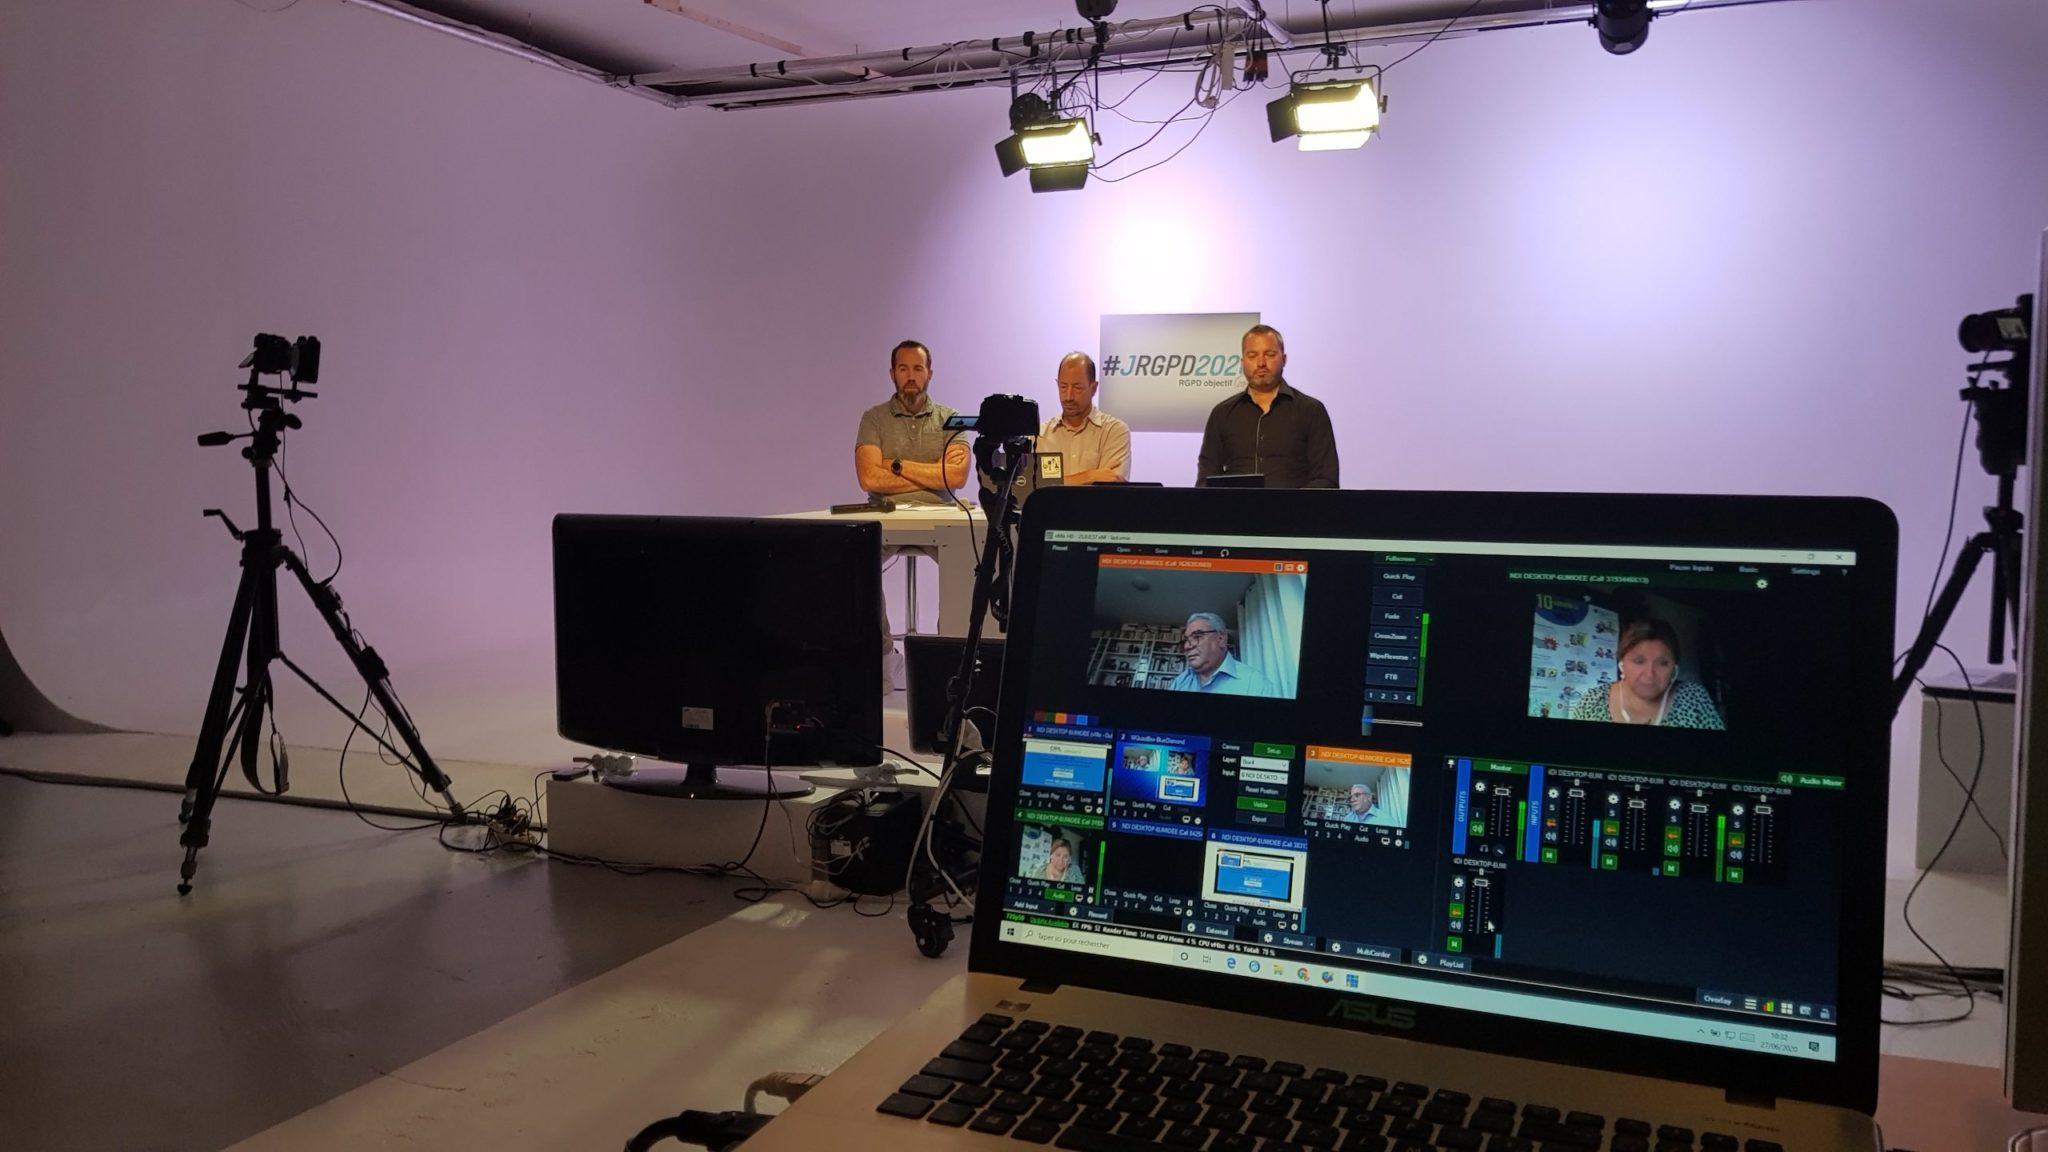 Passer du studio TV DIY au plateau TV professionnel